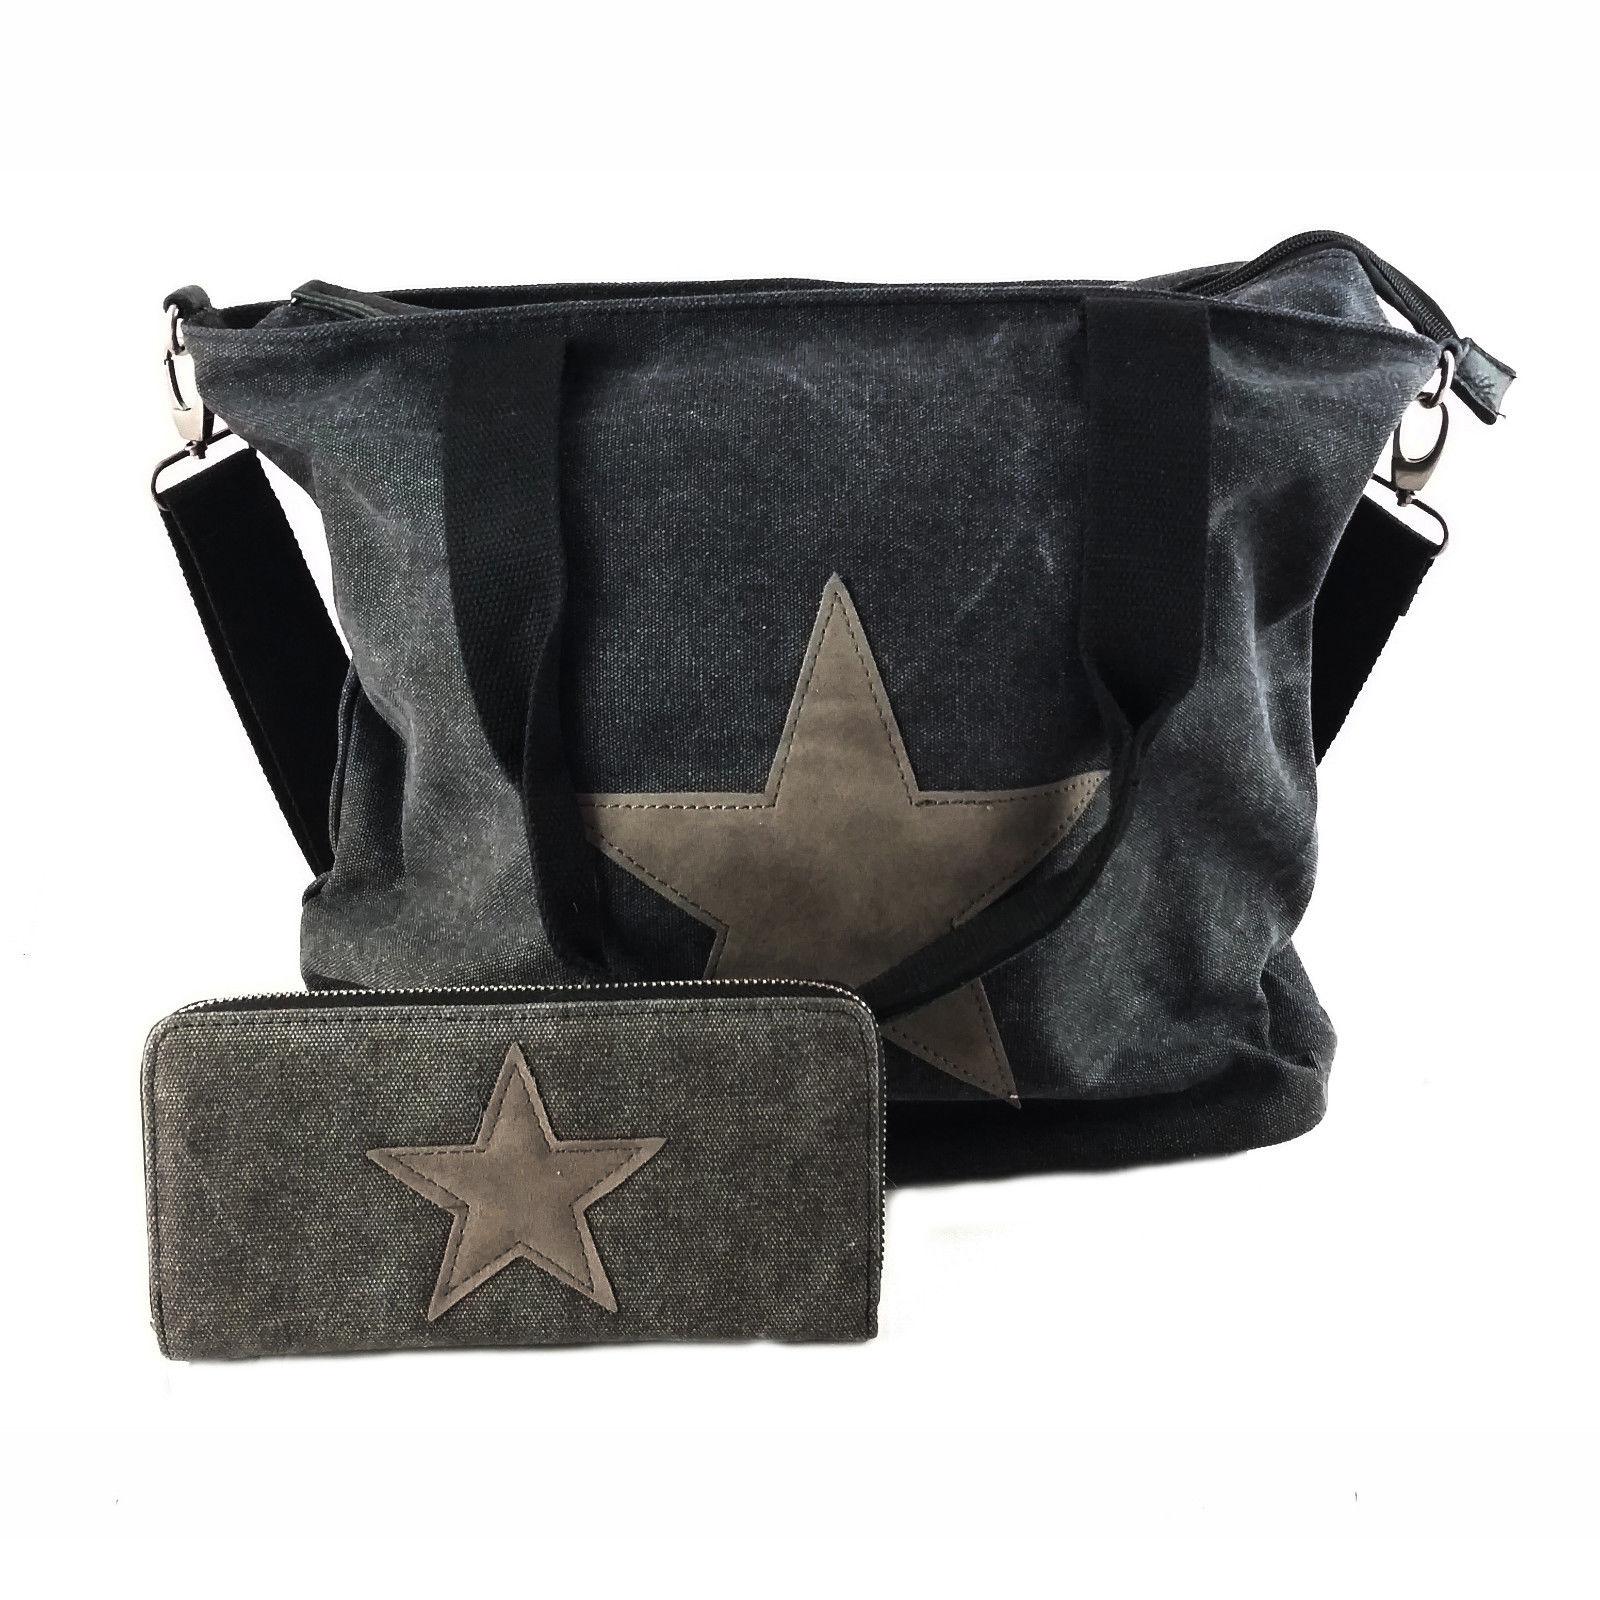 3604dd4c1c554 Stern Damen Tasche Stoff Canvas Schultertasche Bag Shopper Portemonnaie Neu  ...